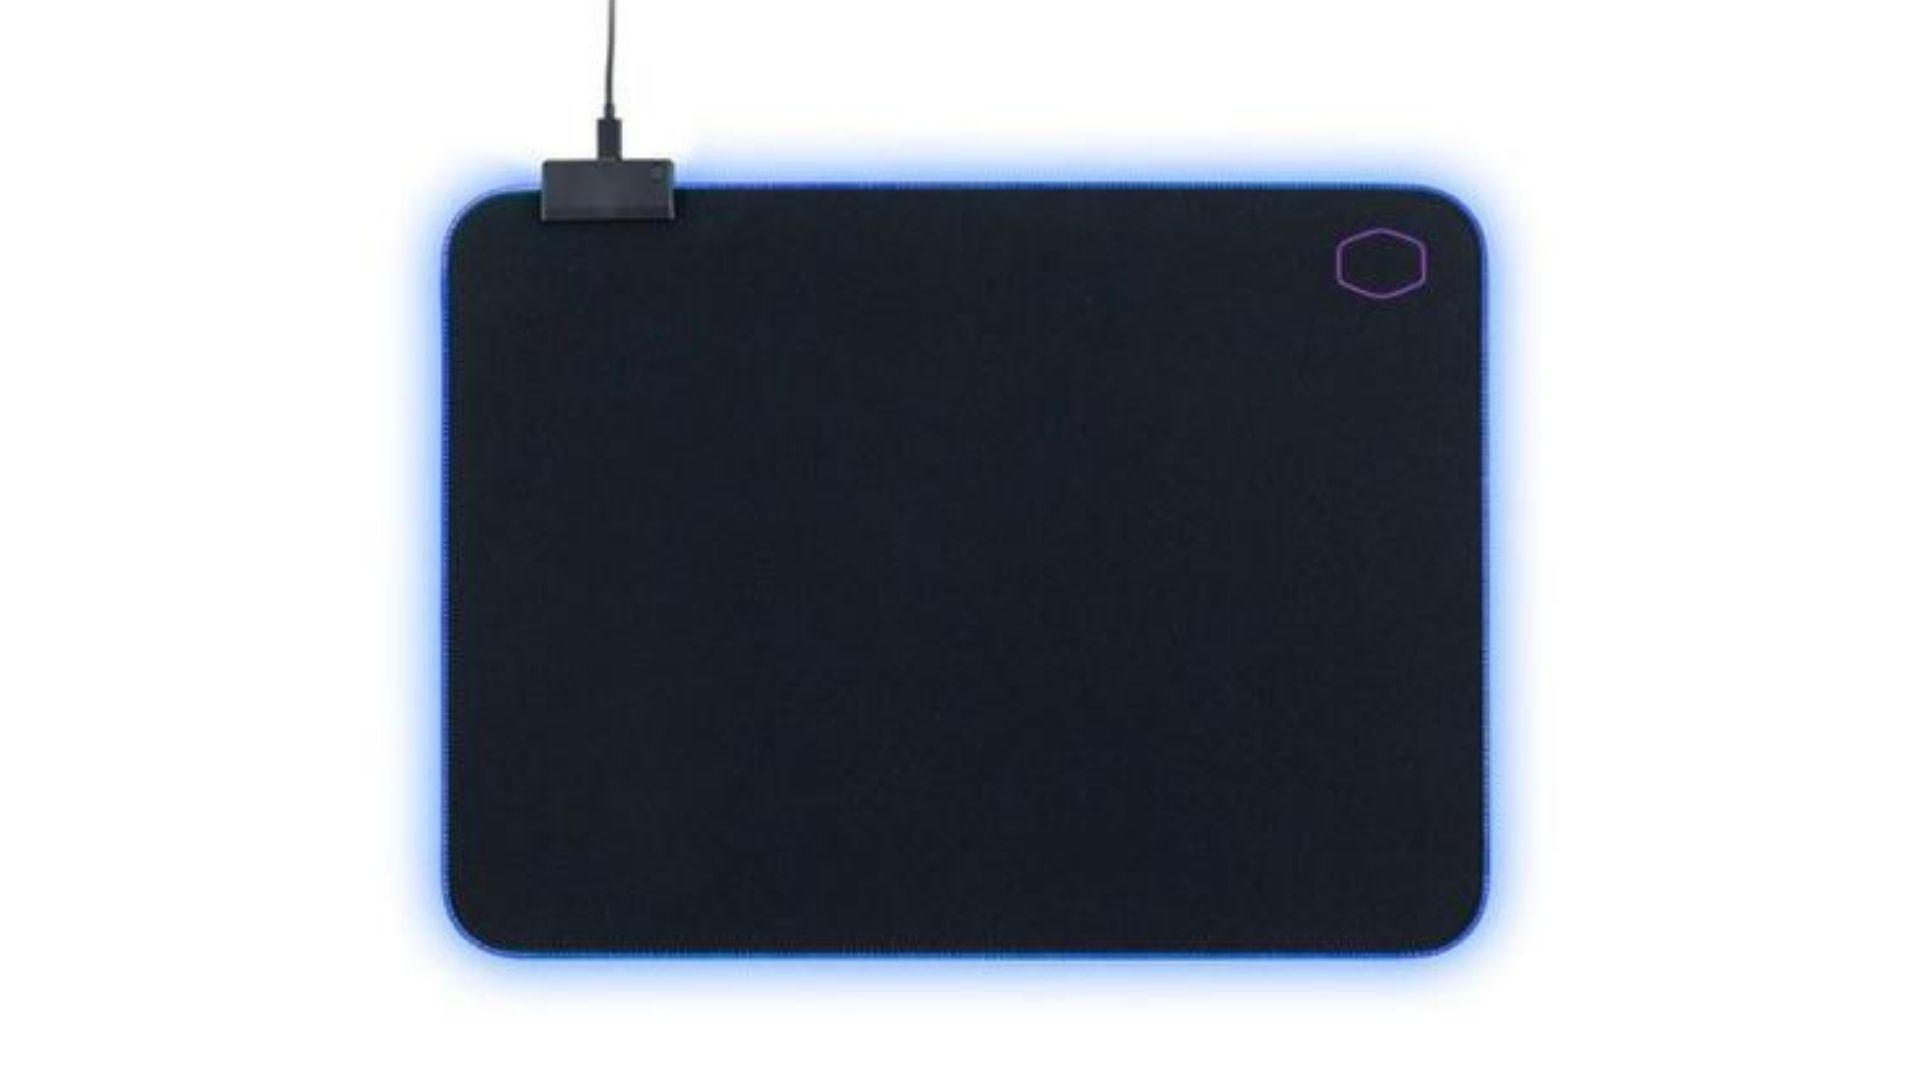 MP750, da Cooler Master, é um mouse pad gamer RGB abrangente e personalizável (Foto: Divulgação/Cooler Master)